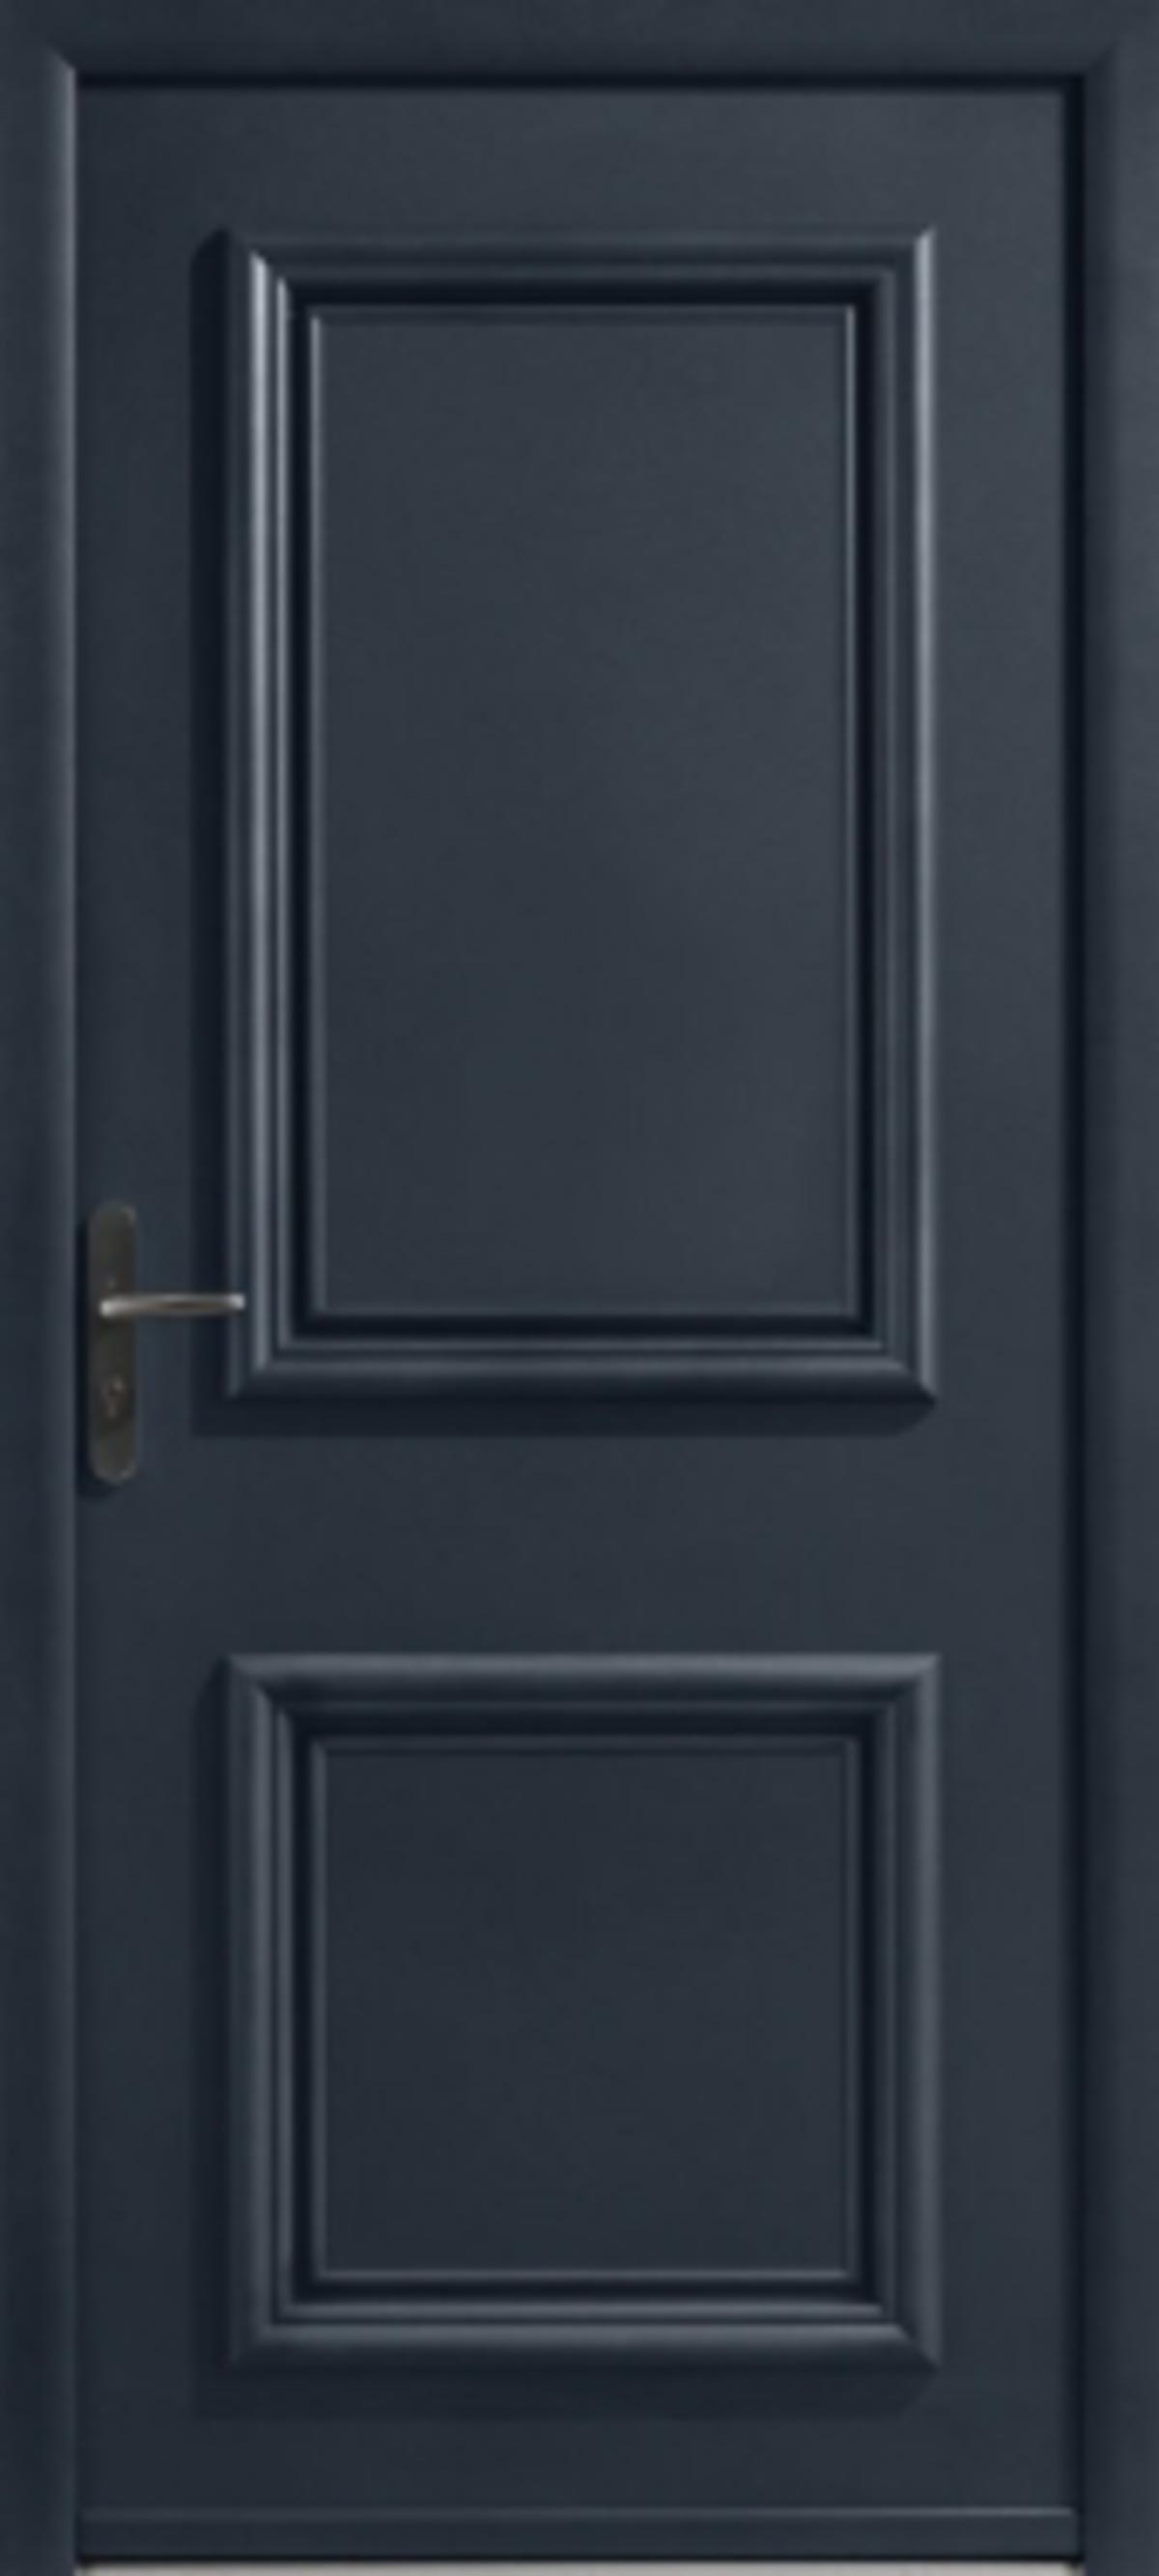 D co porte fenetre pvc seuil handicape calais 1236 for Port et fenetre verdun